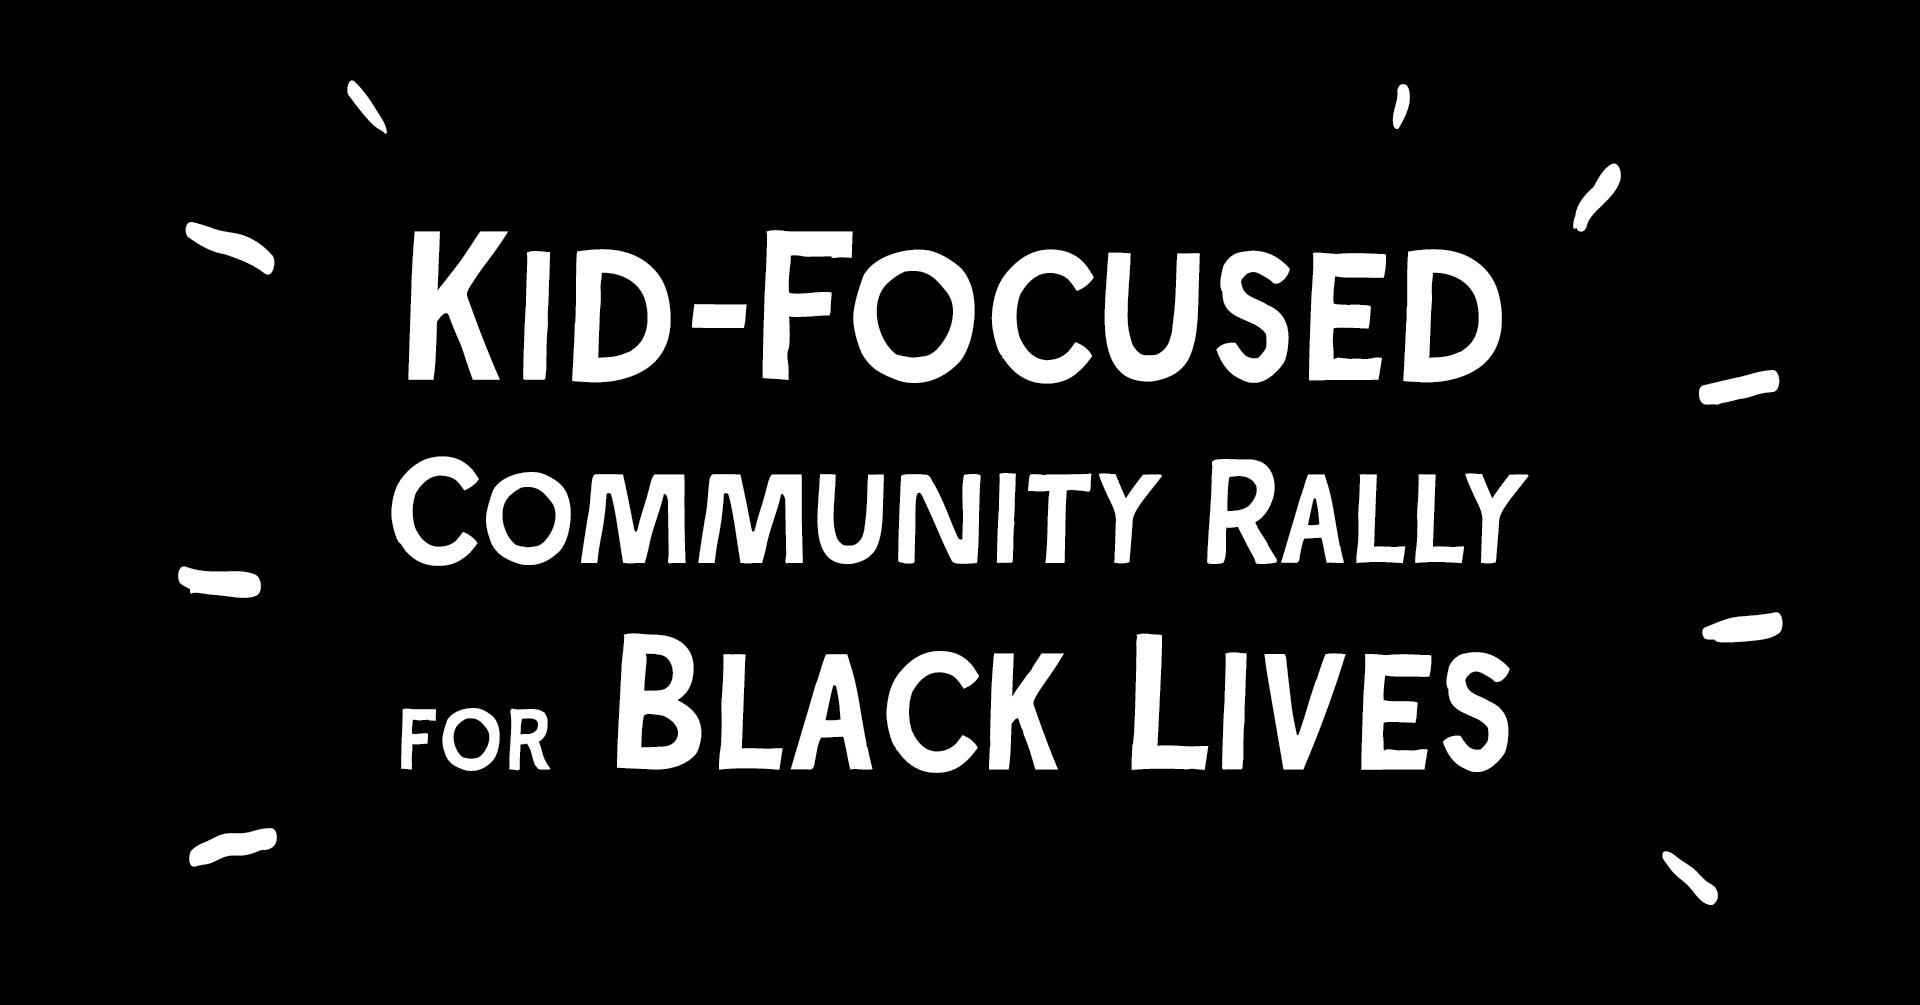 BlackLives_event-banner-01